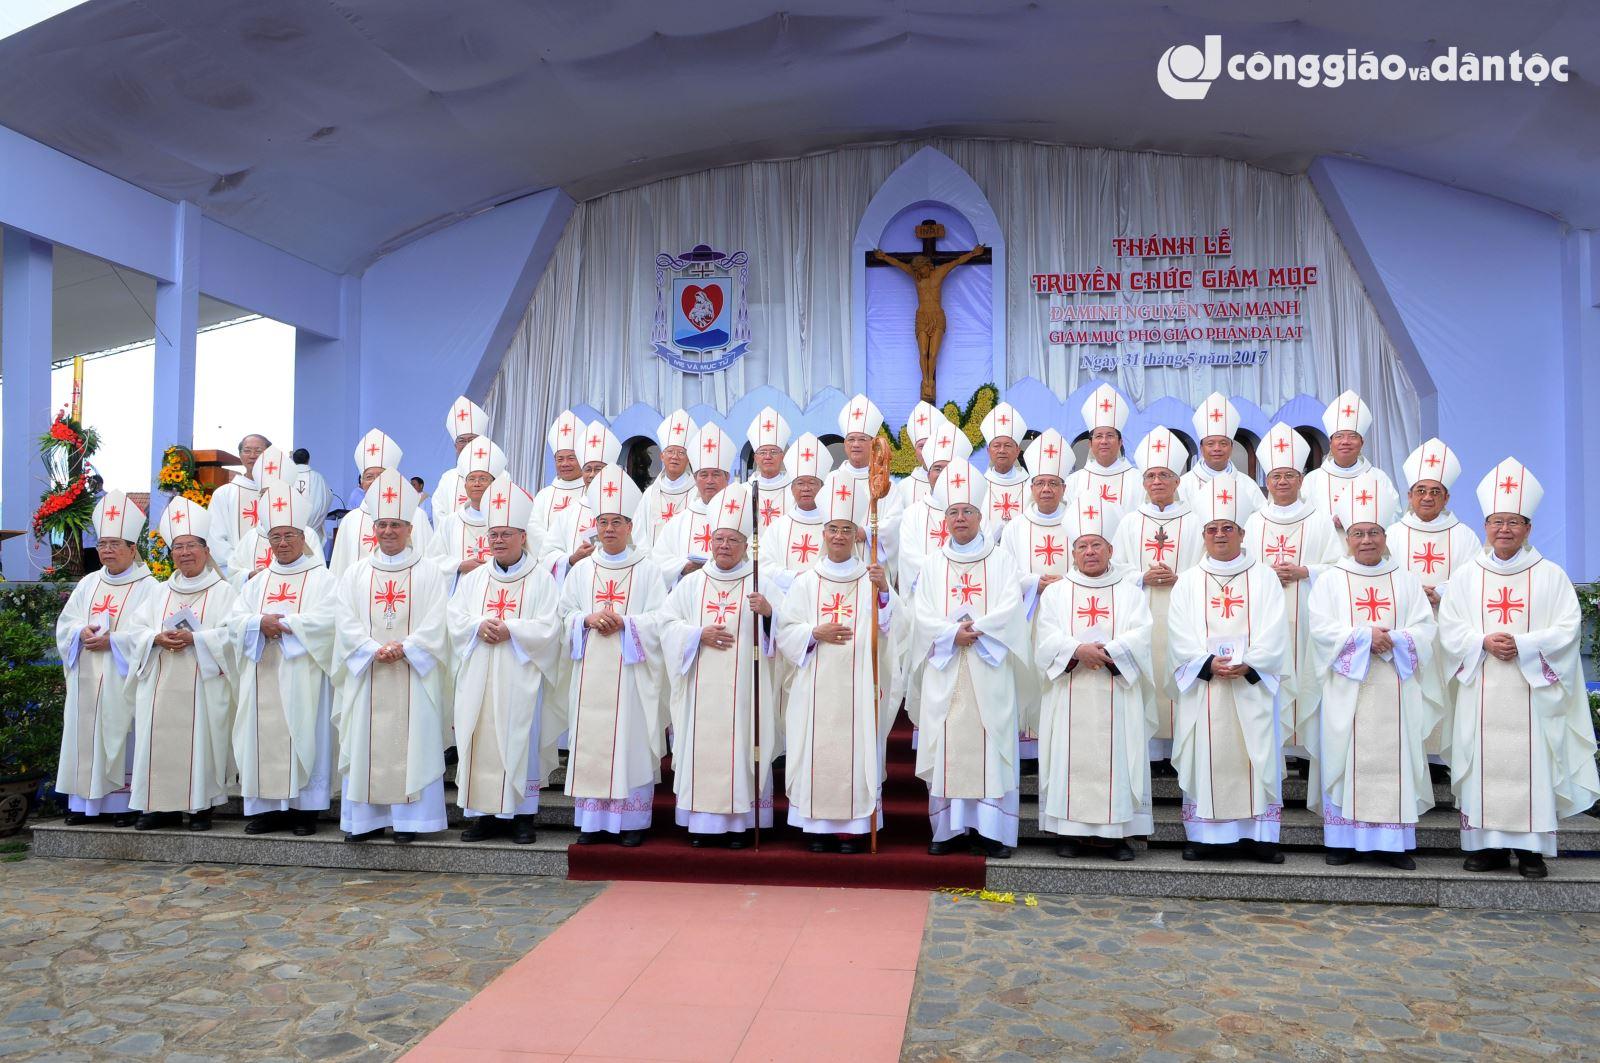 Phong Giám mục Nguyễn Văn Mạnh